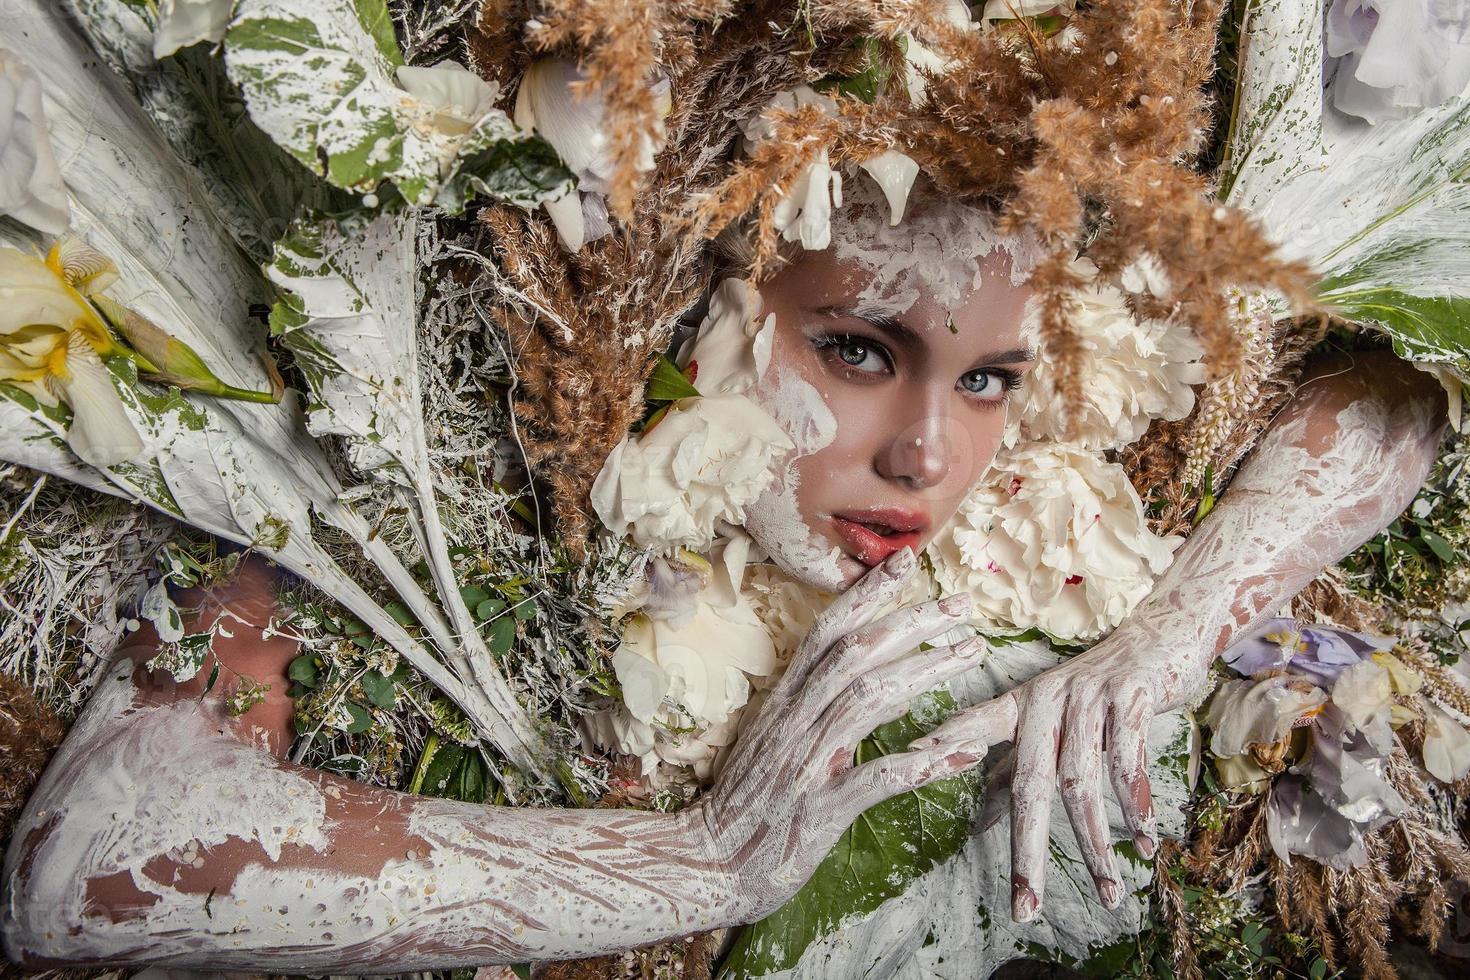 Retrato de niña de cuento de hadas rodeado de flores y plantas naturales. foto